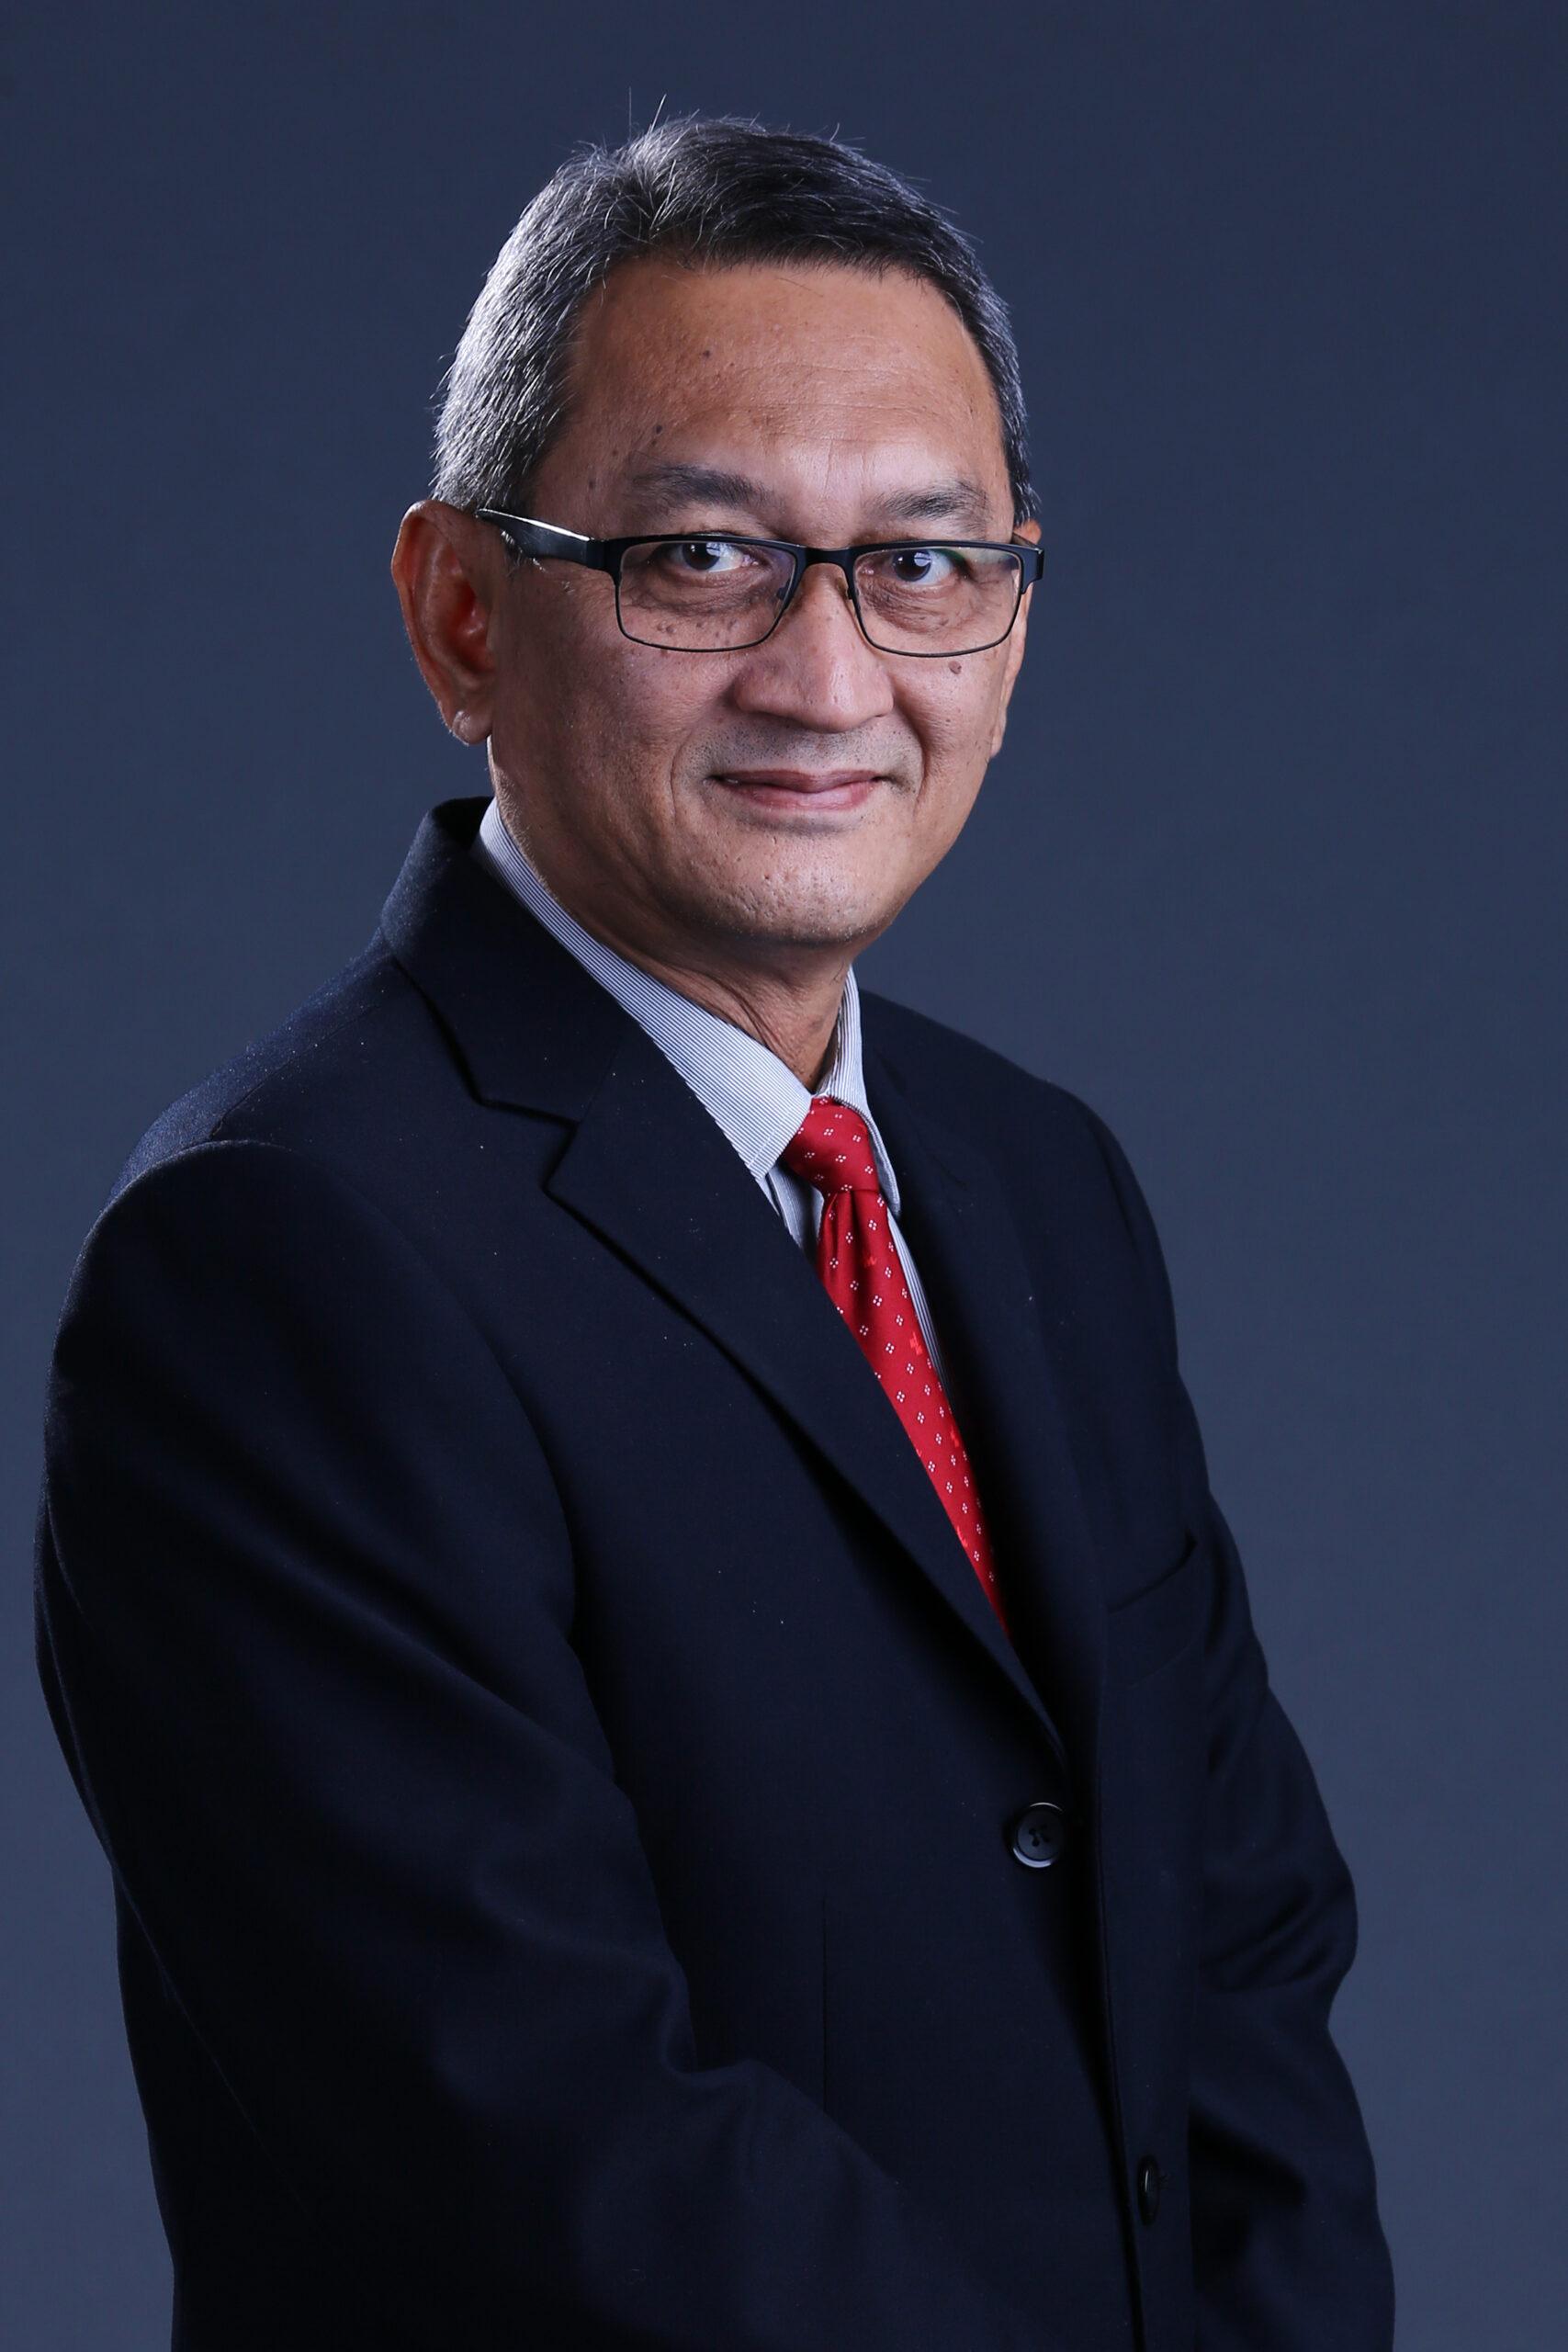 Encik Abdol Fattah bin Abu Bakar